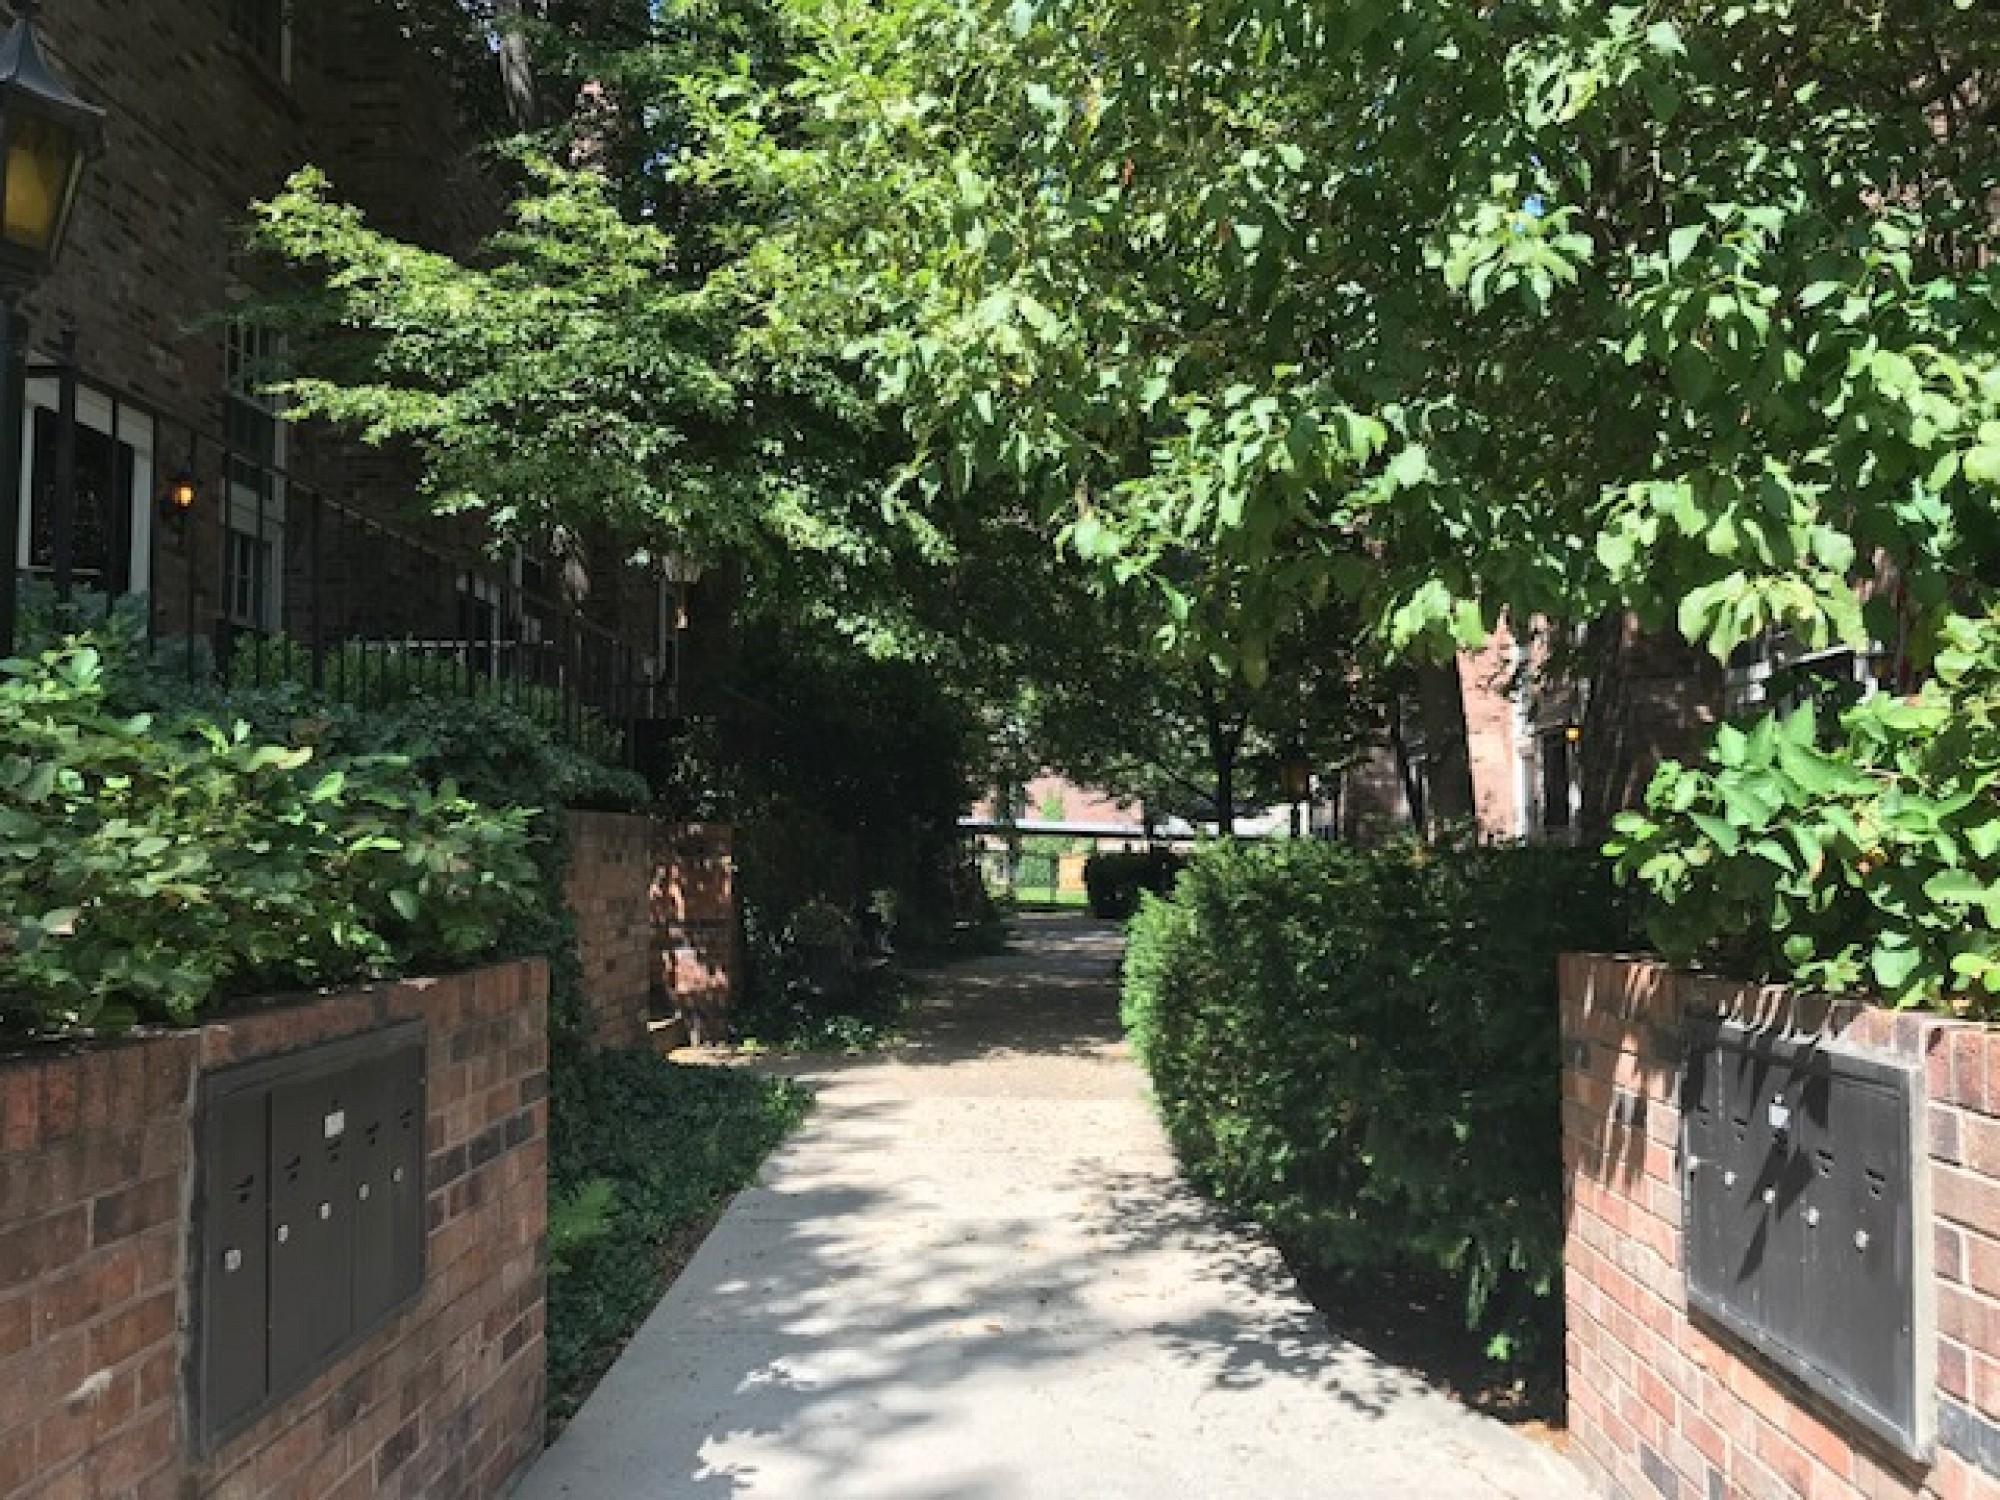 9 Ogden Street, Denver, CO 80218